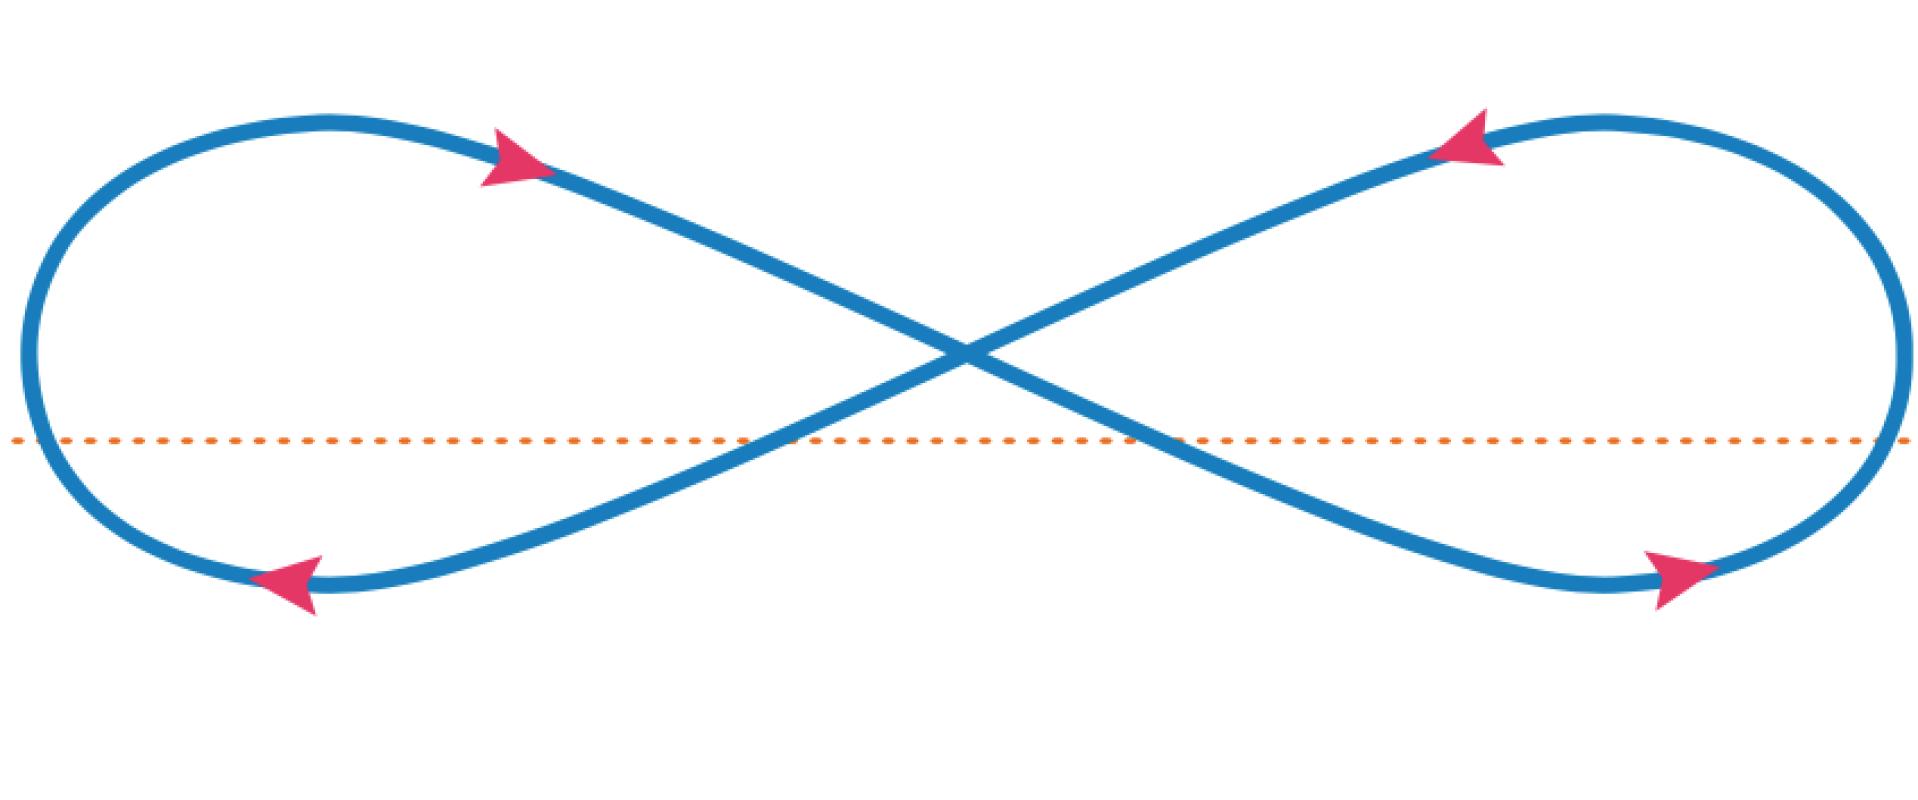 Een EFT oefening: Vragen over de cirkel